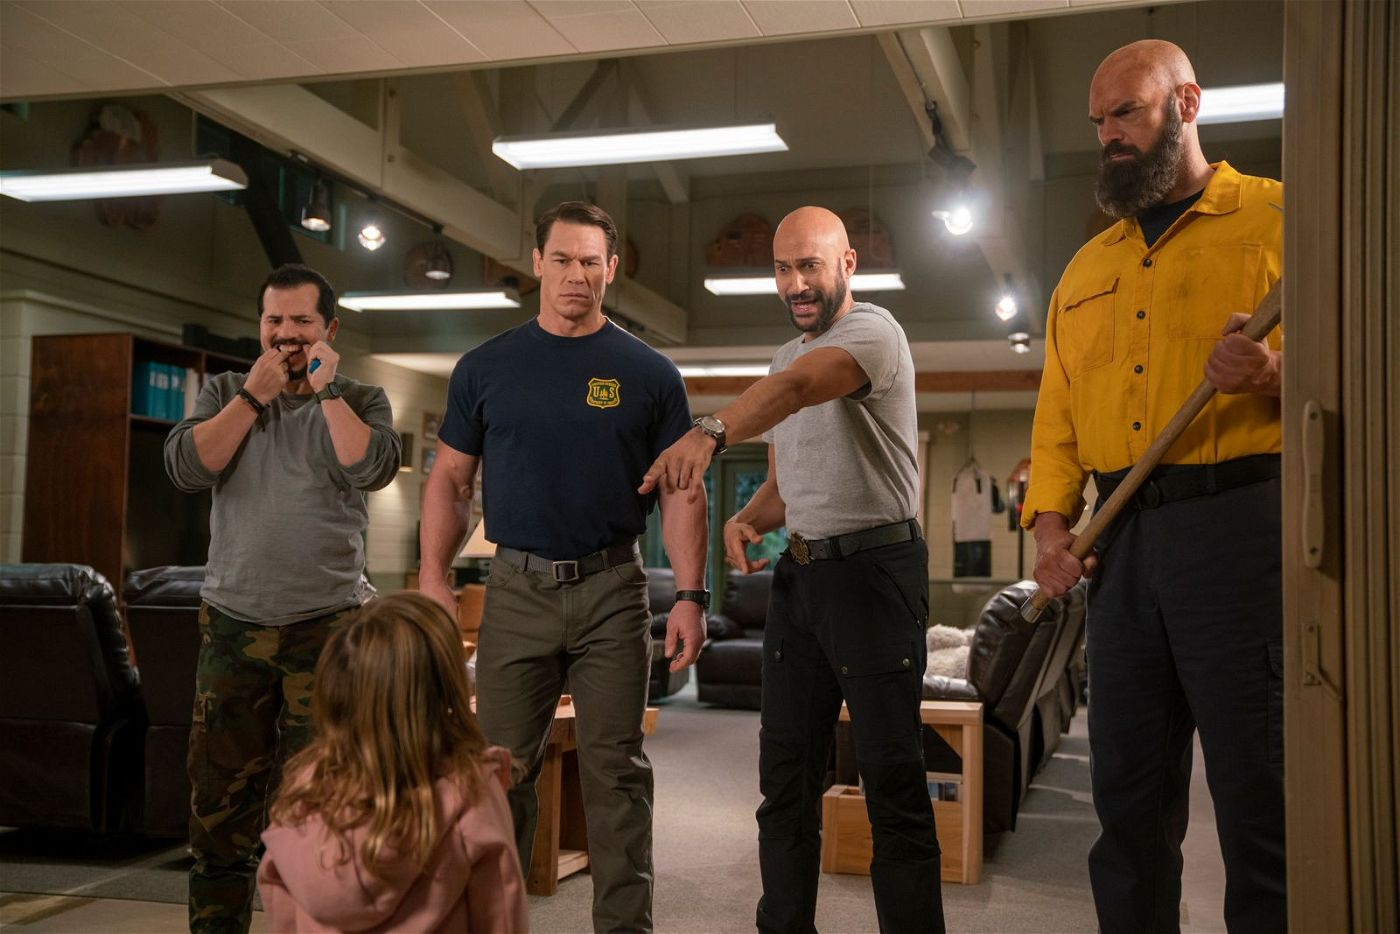 Was tun mit einem kleinen Mädchen (Finley Rose Slater), das heult? Rodrigo (John Leguizamo), Jake (John Cena), Mark (Keegan-Michael Key) und Axe (Tyler Mane, von links) sind völlig überfragt.